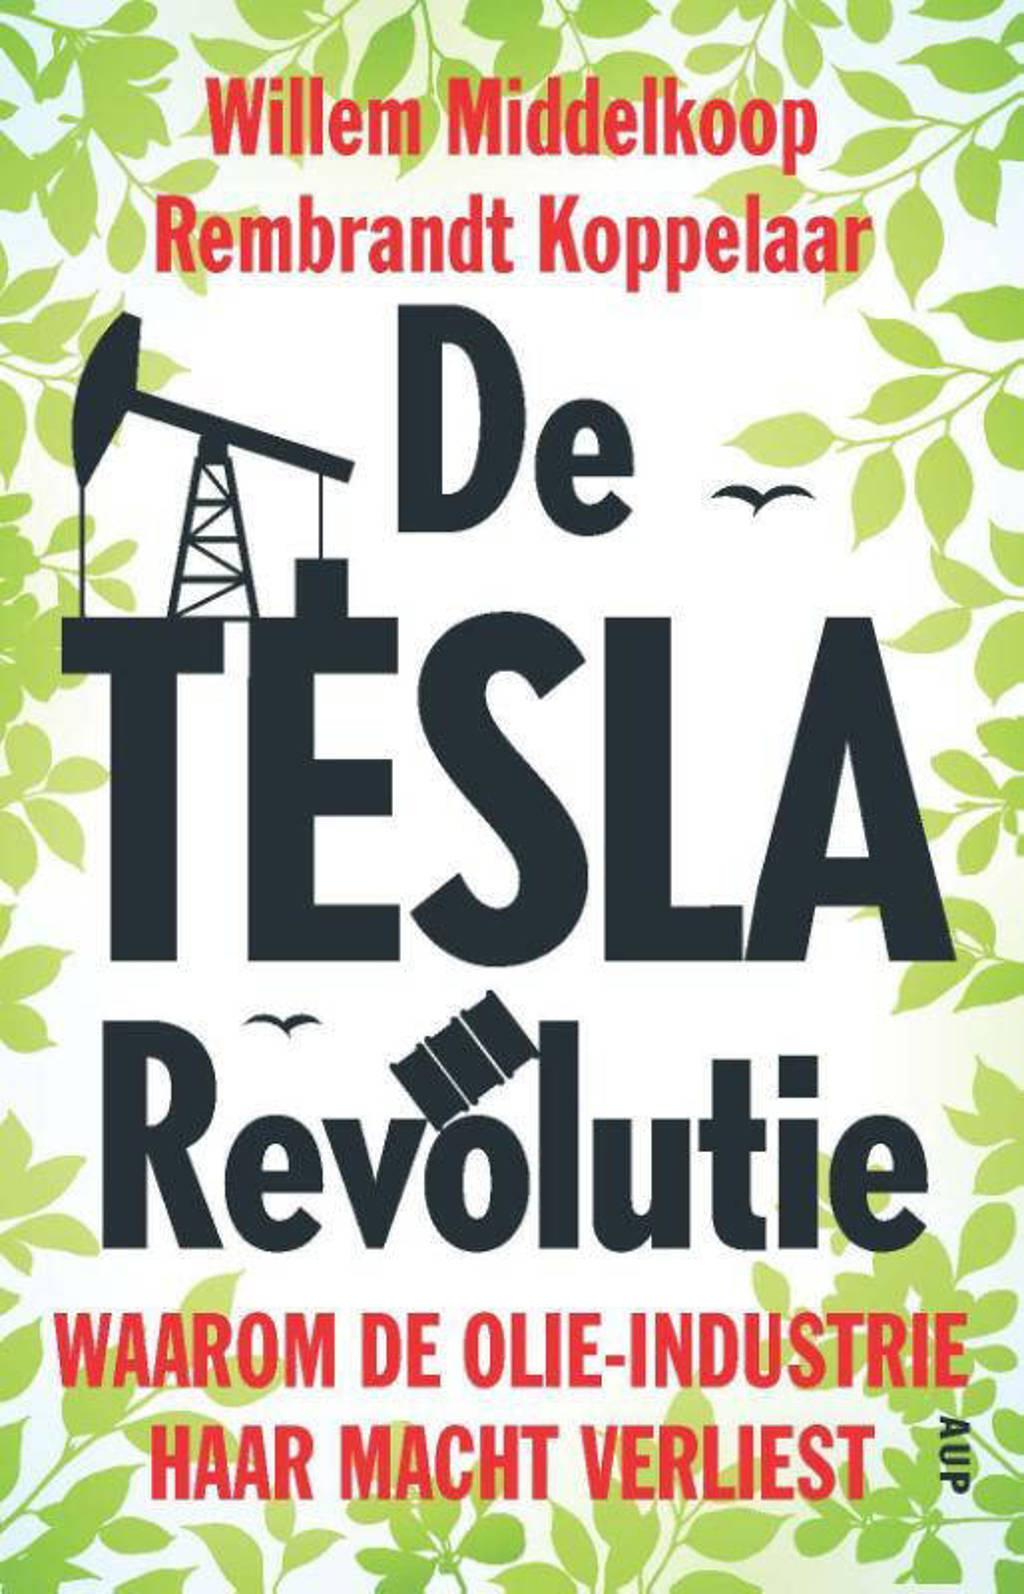 De TESLA revolutie - Willem Middelkoop en Rembrandt Koppelaar